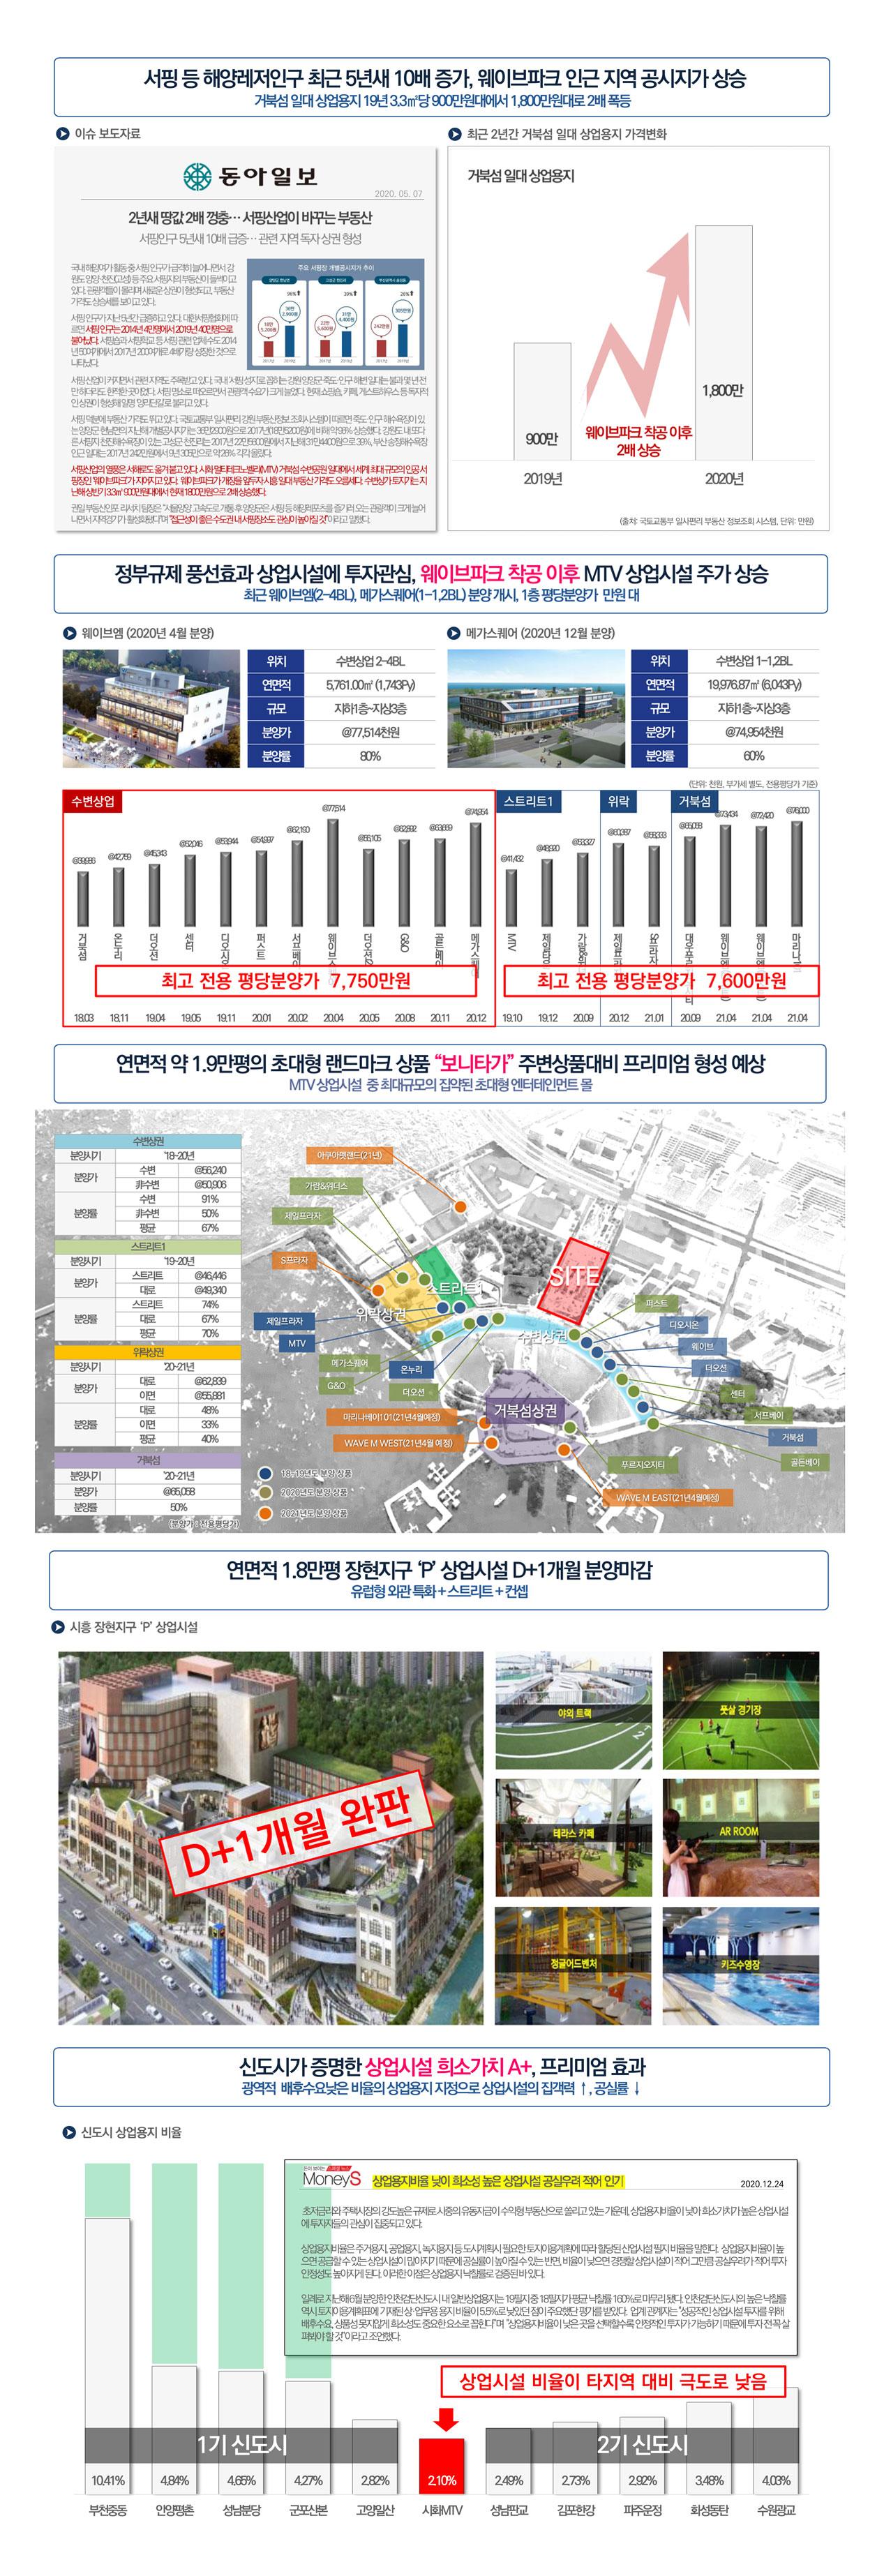 시흥-MTV-거북섬-보니타가-비교분석.jpg